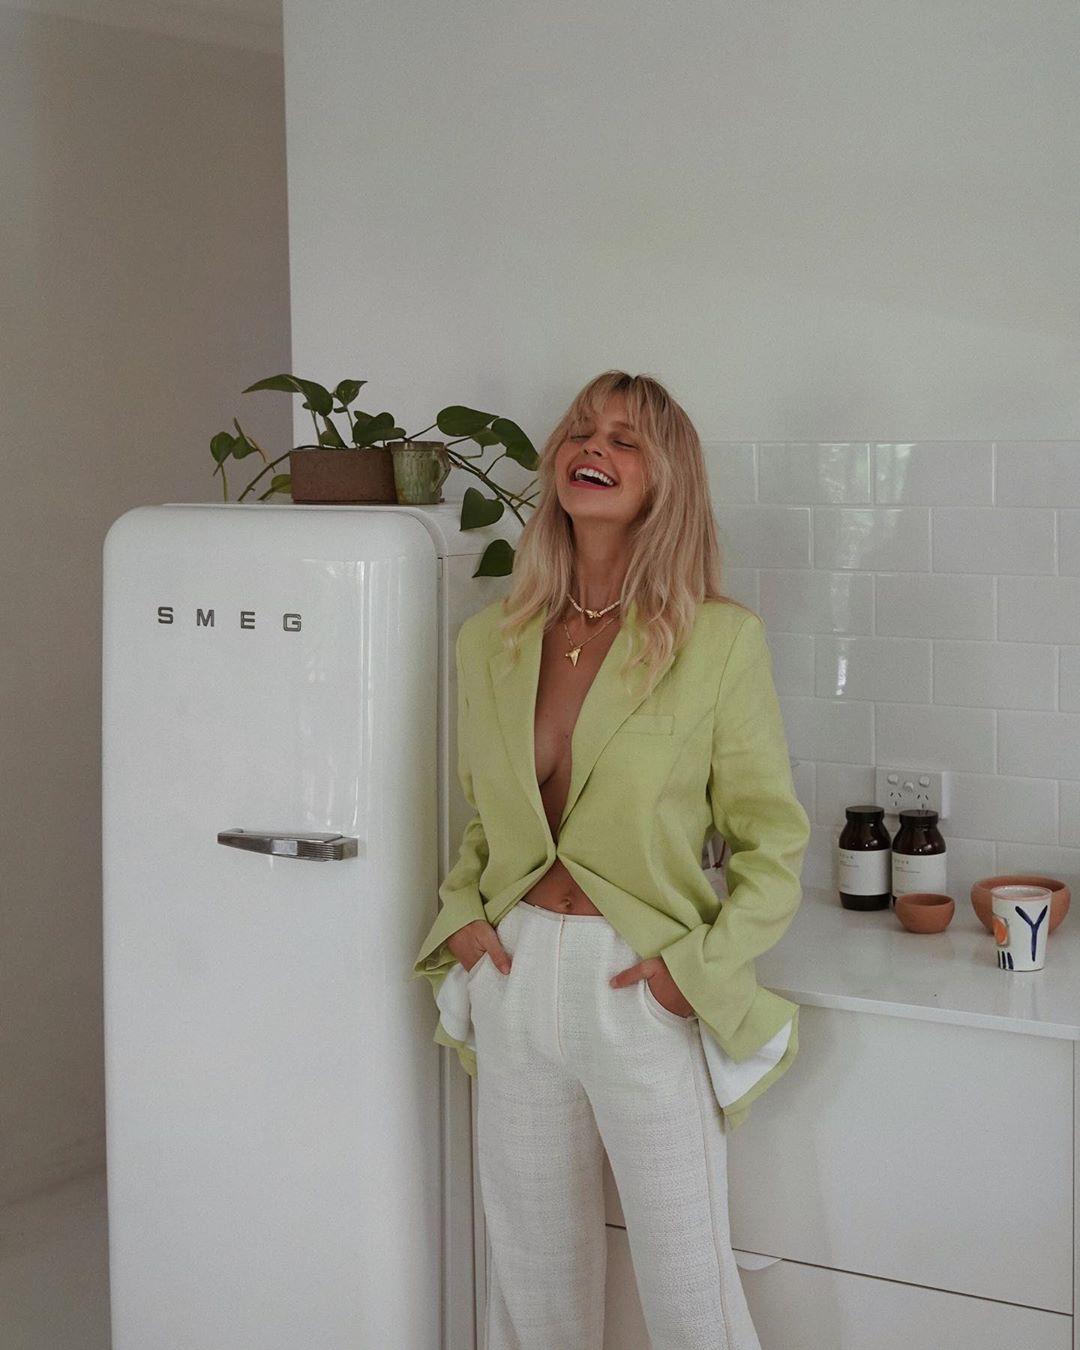 thử thách hautecouchture tại nhà áo vest suit xanh lá quần trắng